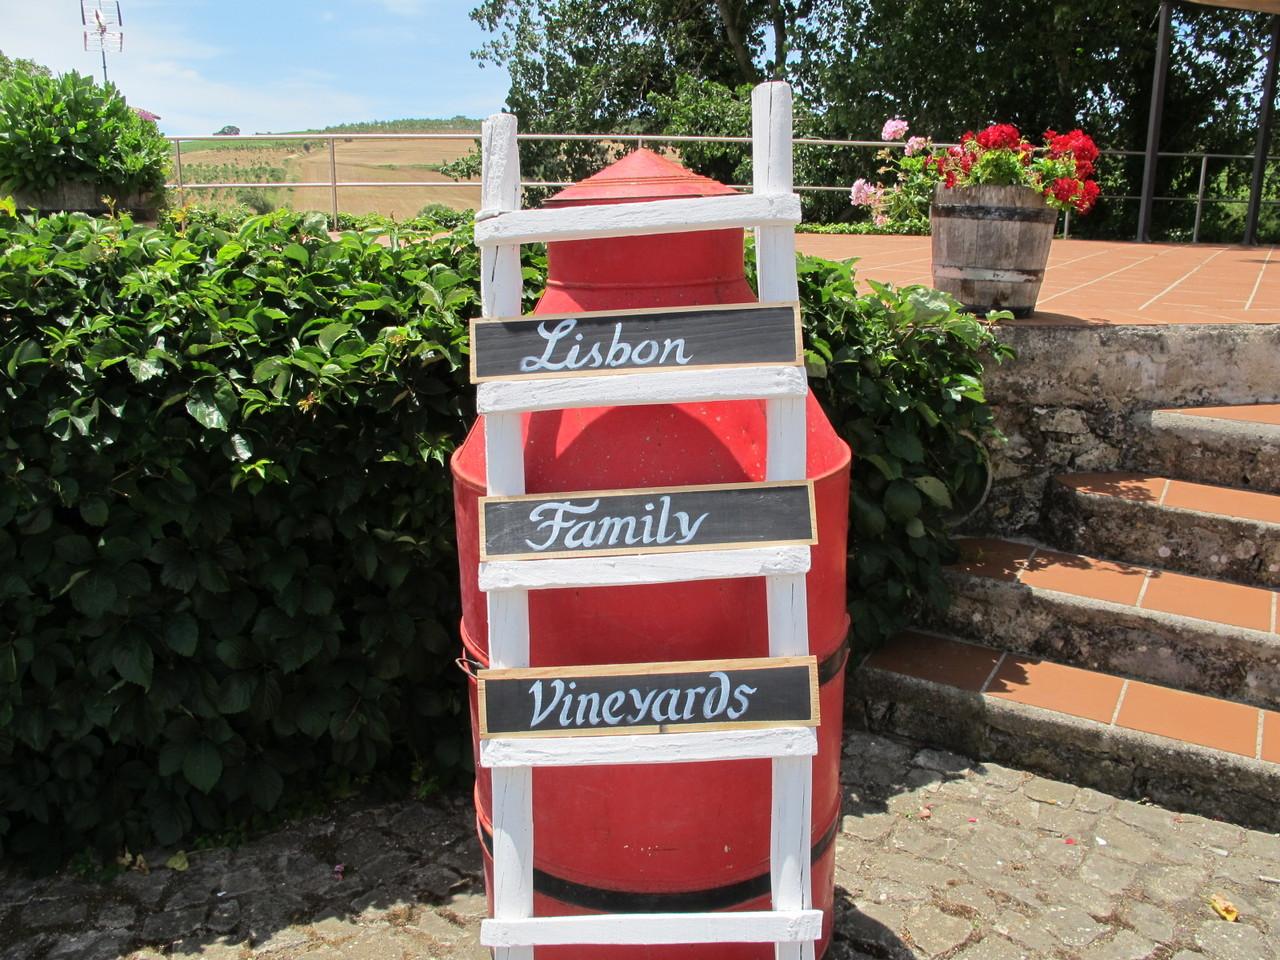 Lisbon Family Vineyards